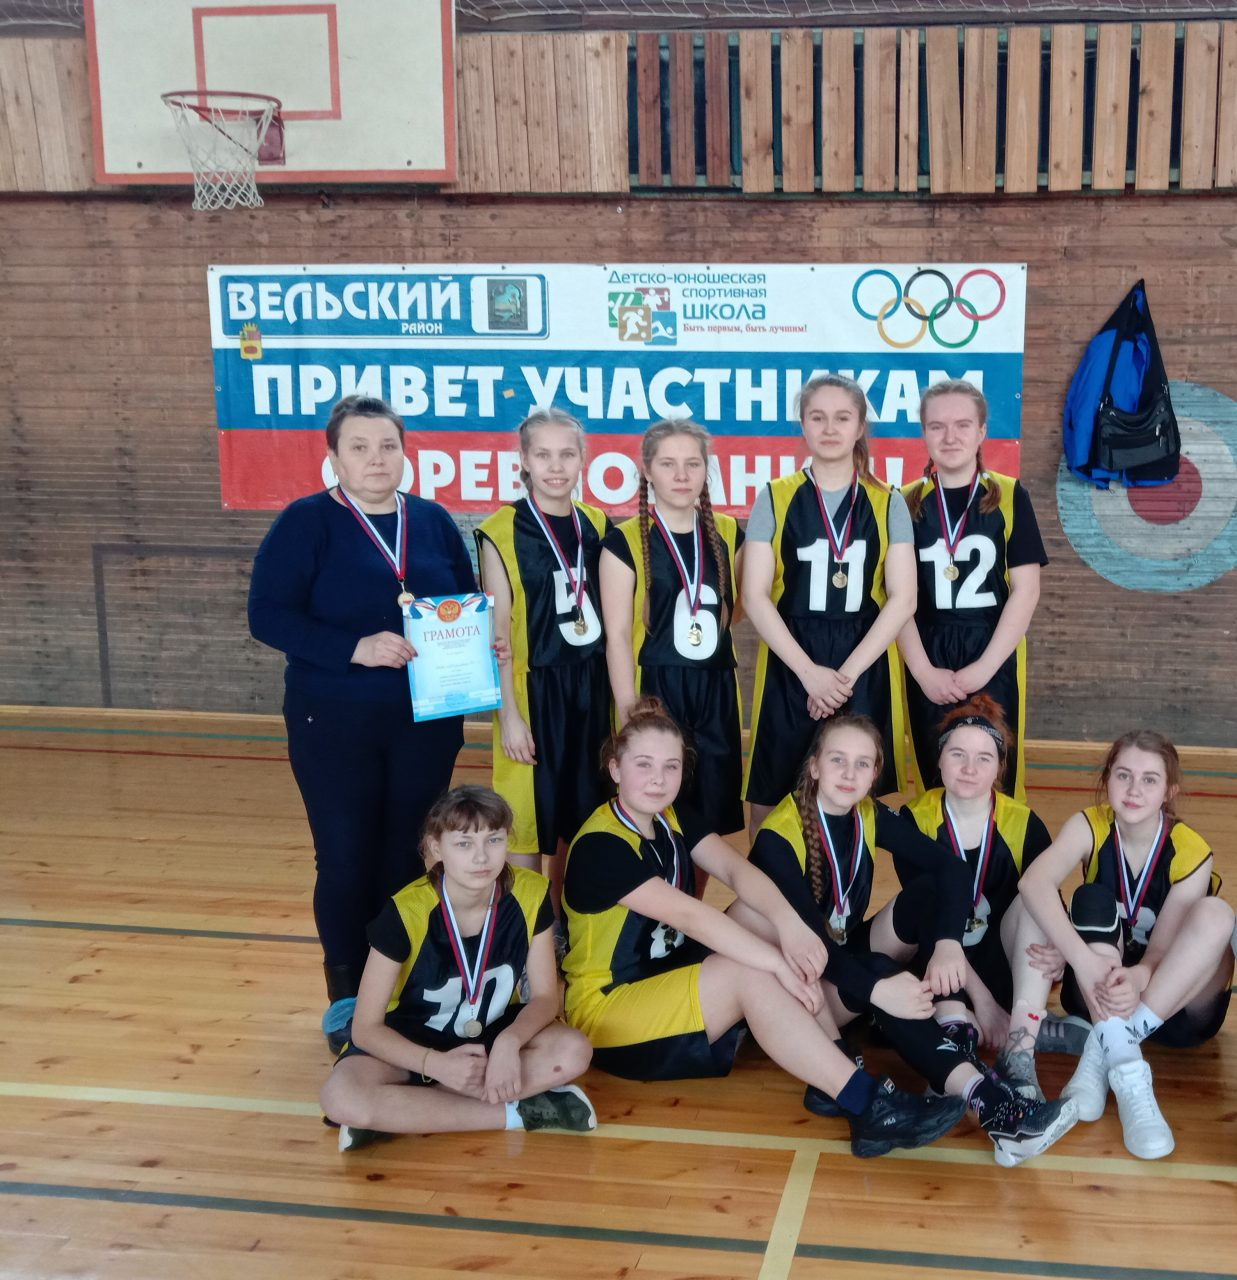 22 февраля 2020 года команда девушек МБОУ «Аргуновская ОШ № 11» заняла 1 место в районных соревнованиях по баскетболу в зачет Спартакиады сельских школ среди девушек 2004-2008 г. рождения.